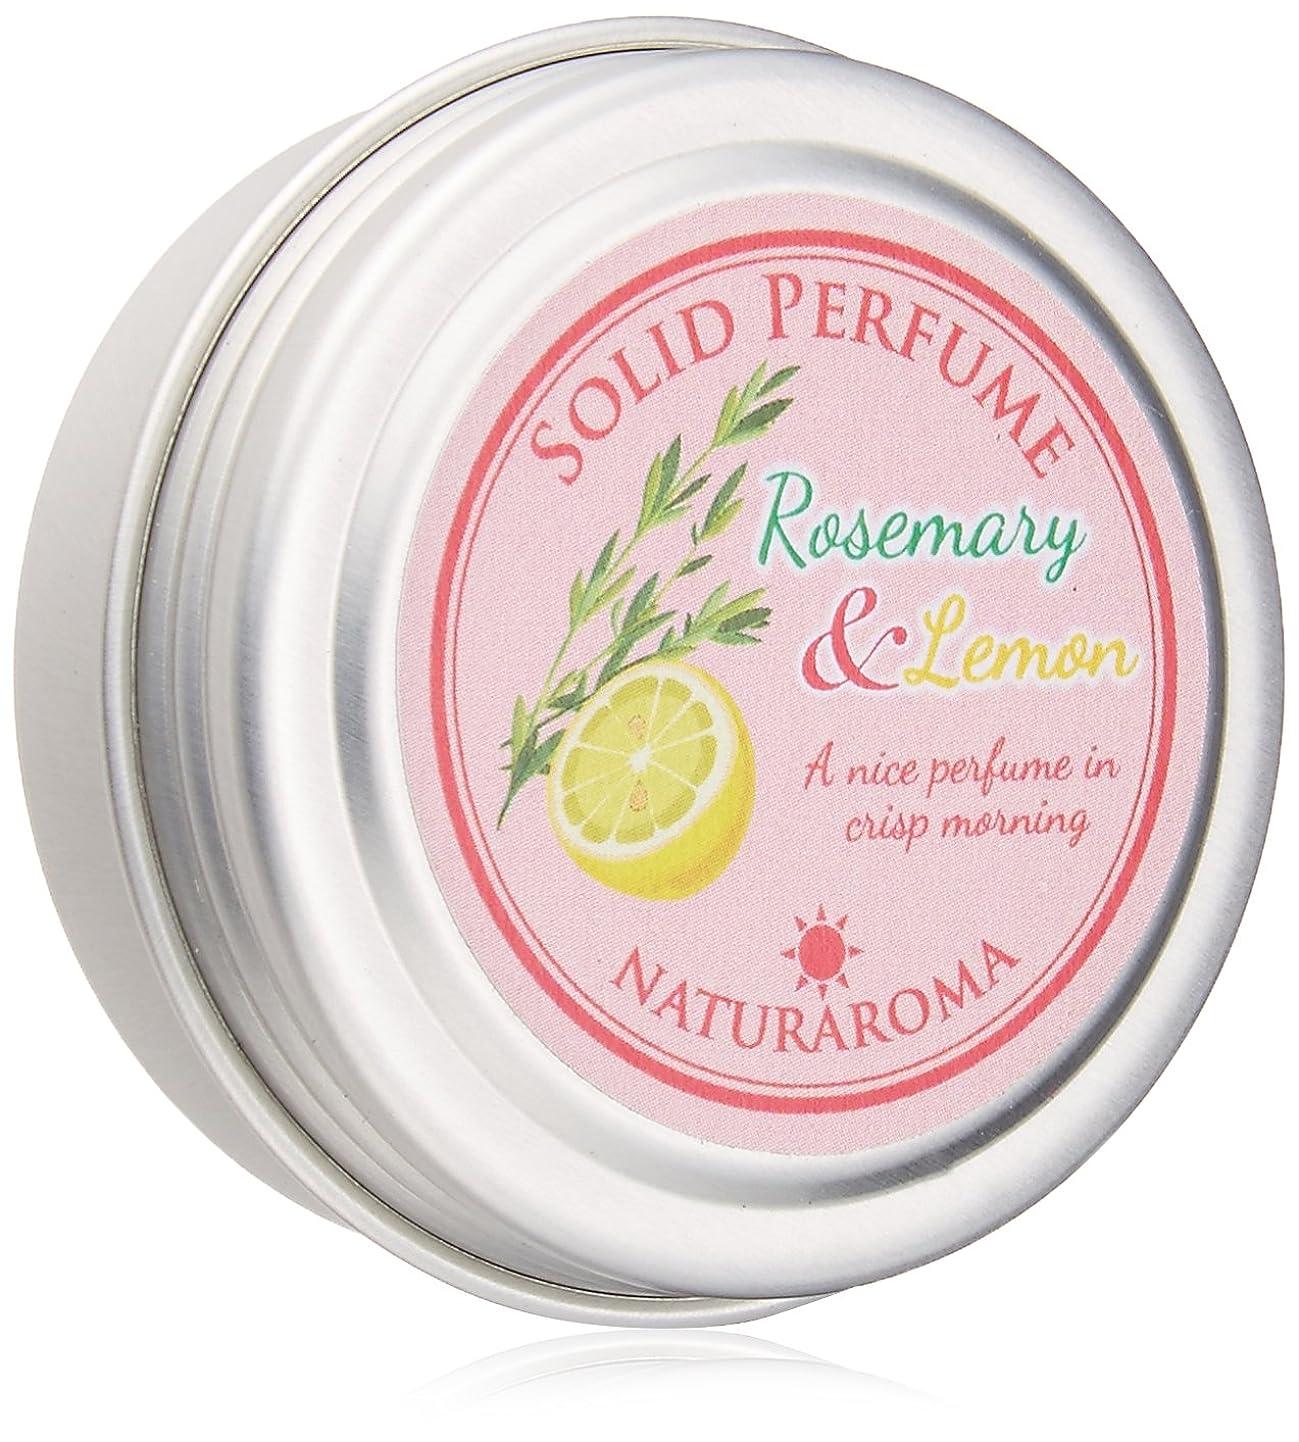 処理するウェブジャンプNaturaroma 練り香水 レモン&ローズマリー